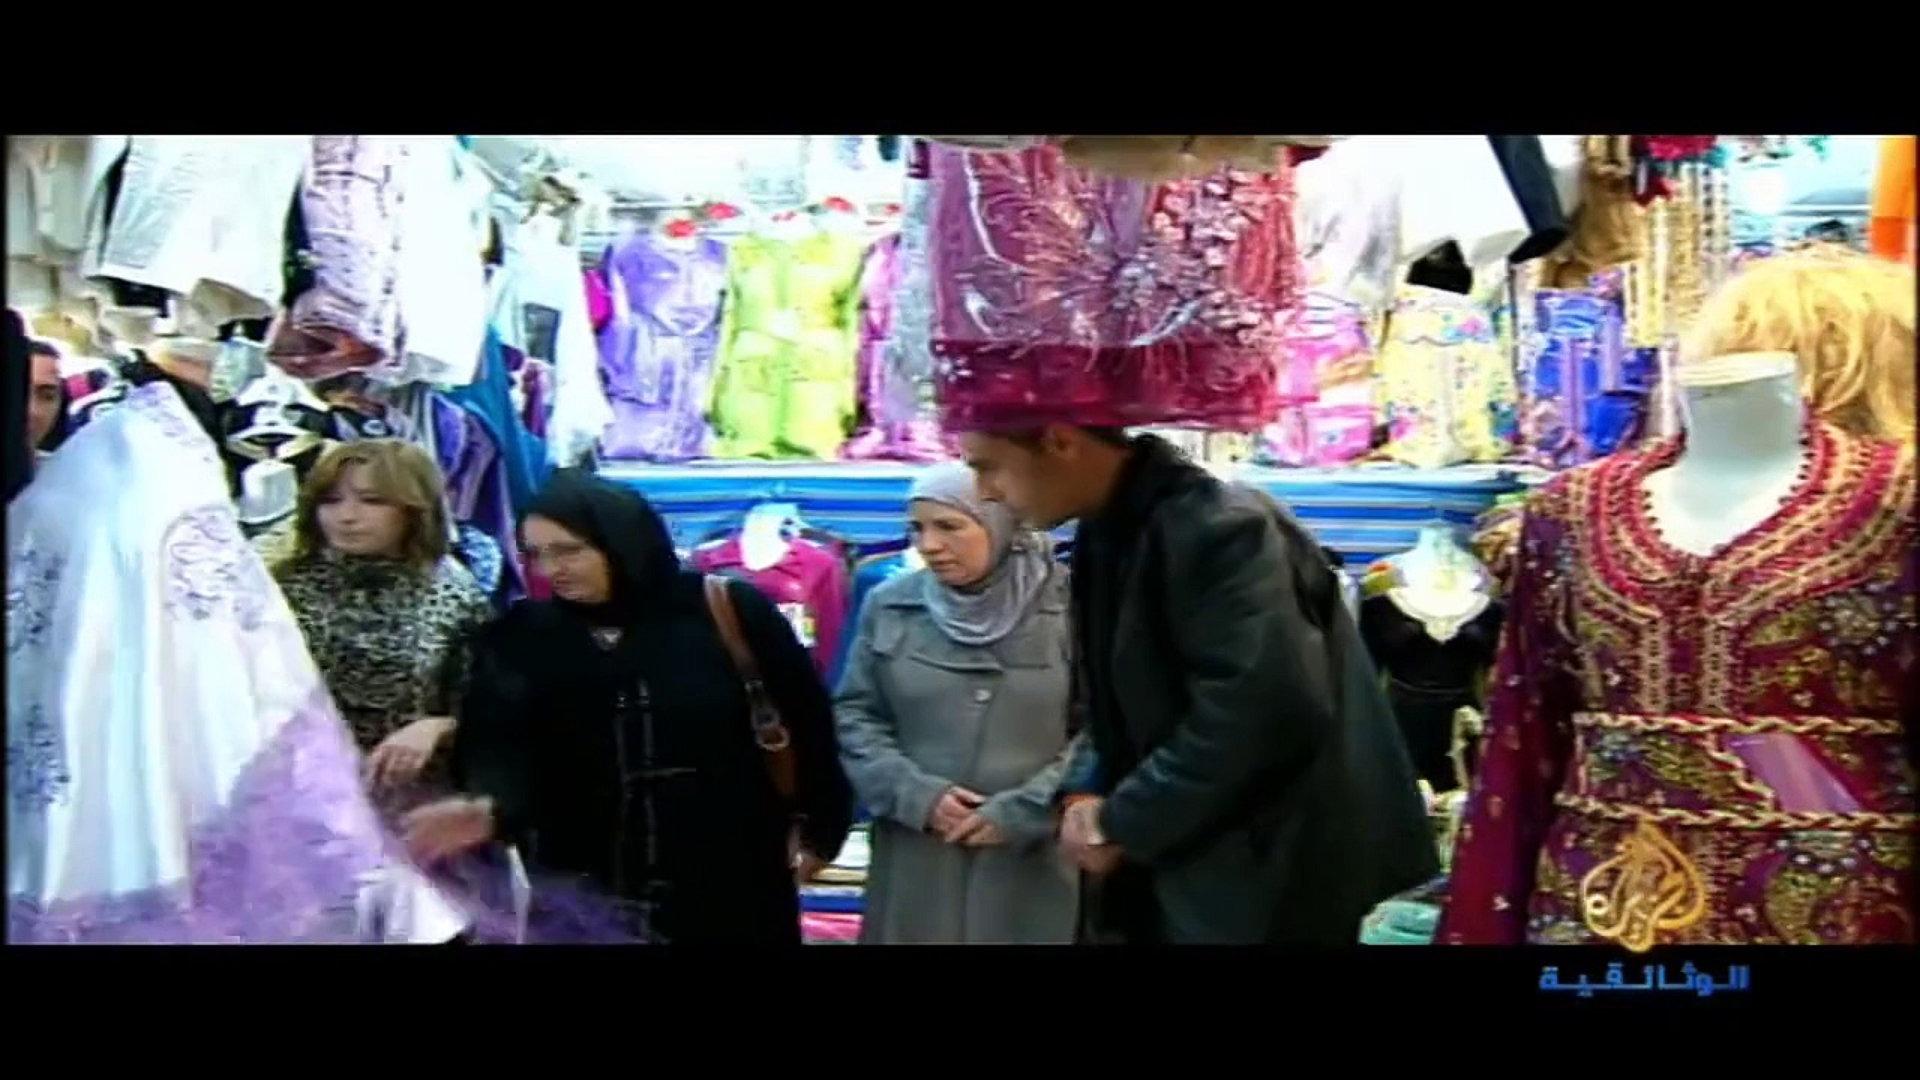 صور اعراس الجزائر , من اجمال الاعراس اعراس الجزائر